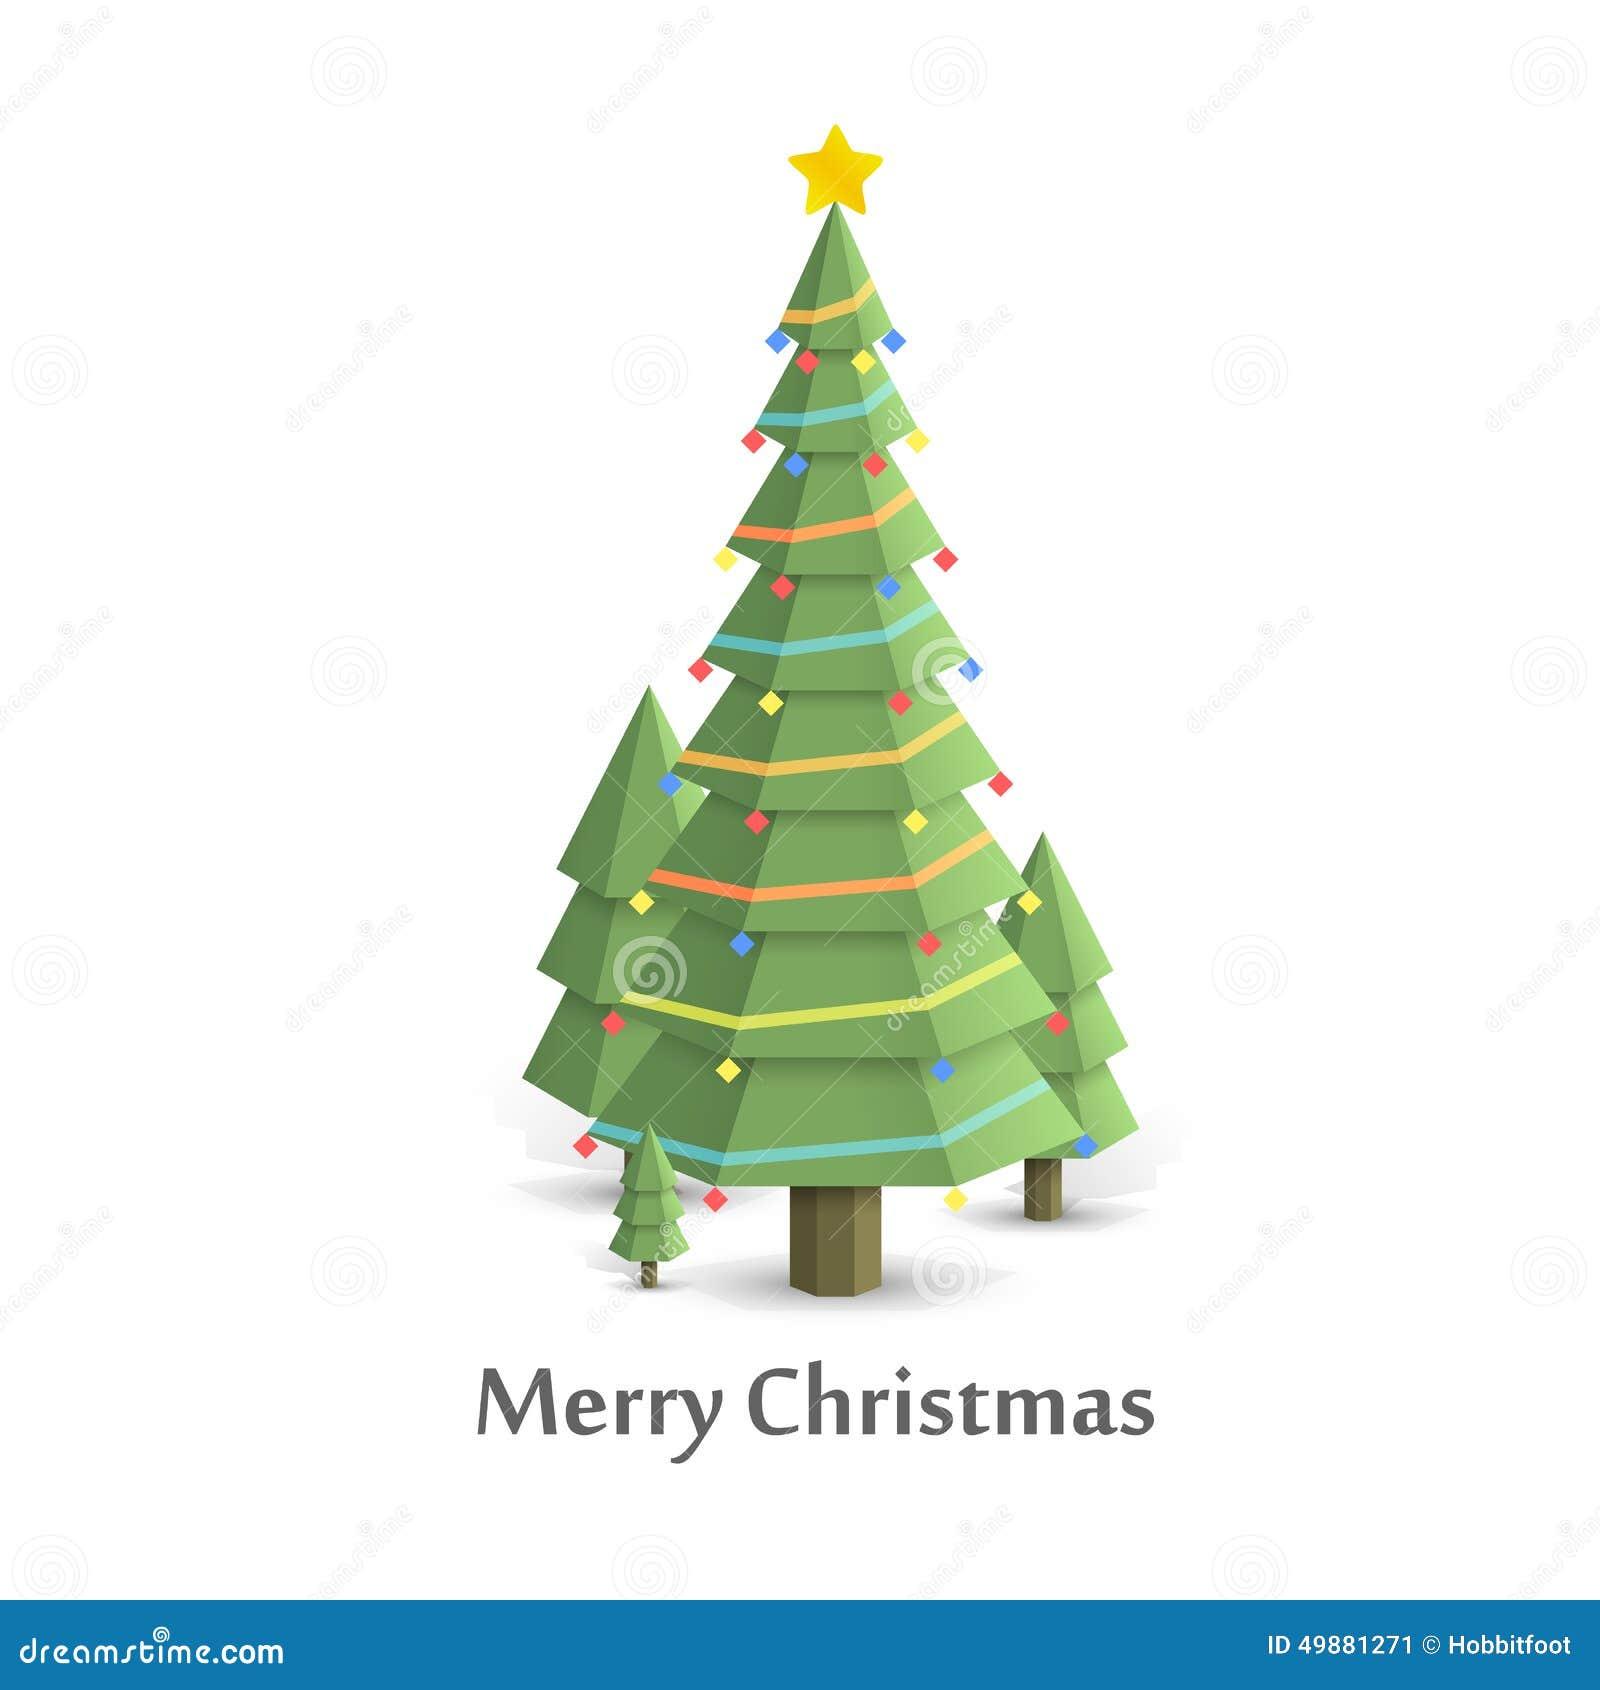 christmas flat illustration tree - Flat Christmas Tree